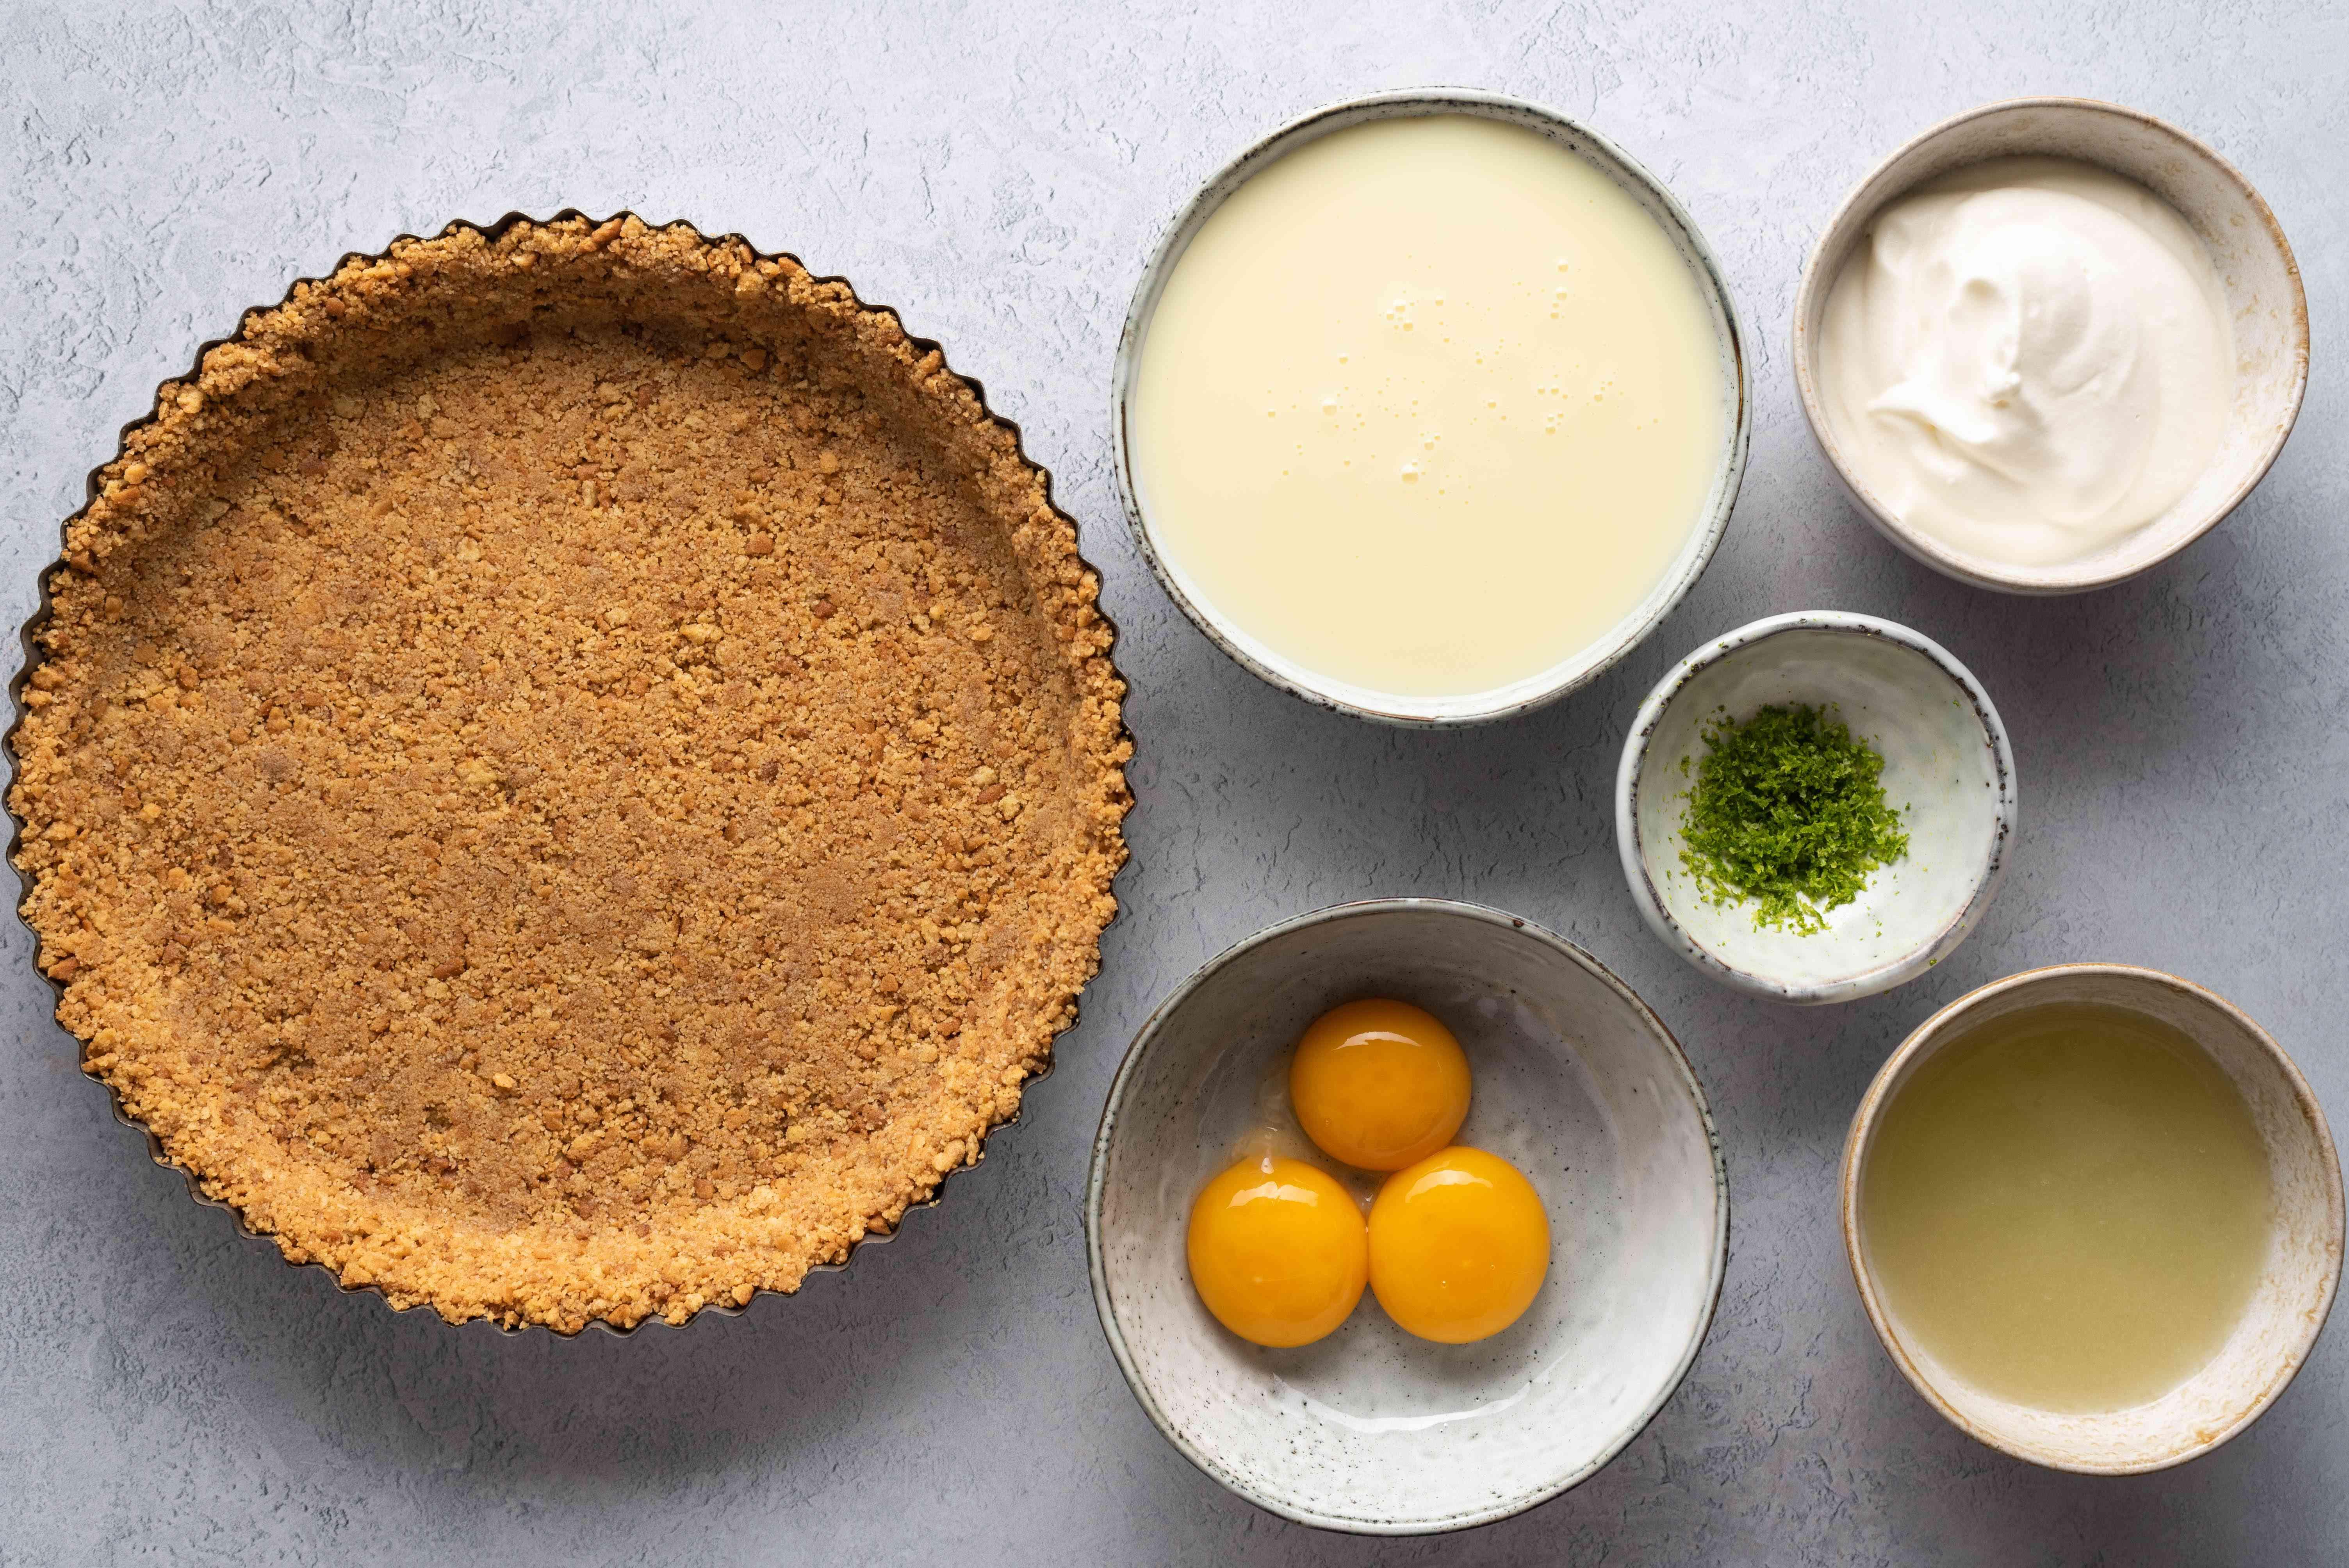 Easy Key Lime Pie ingredients